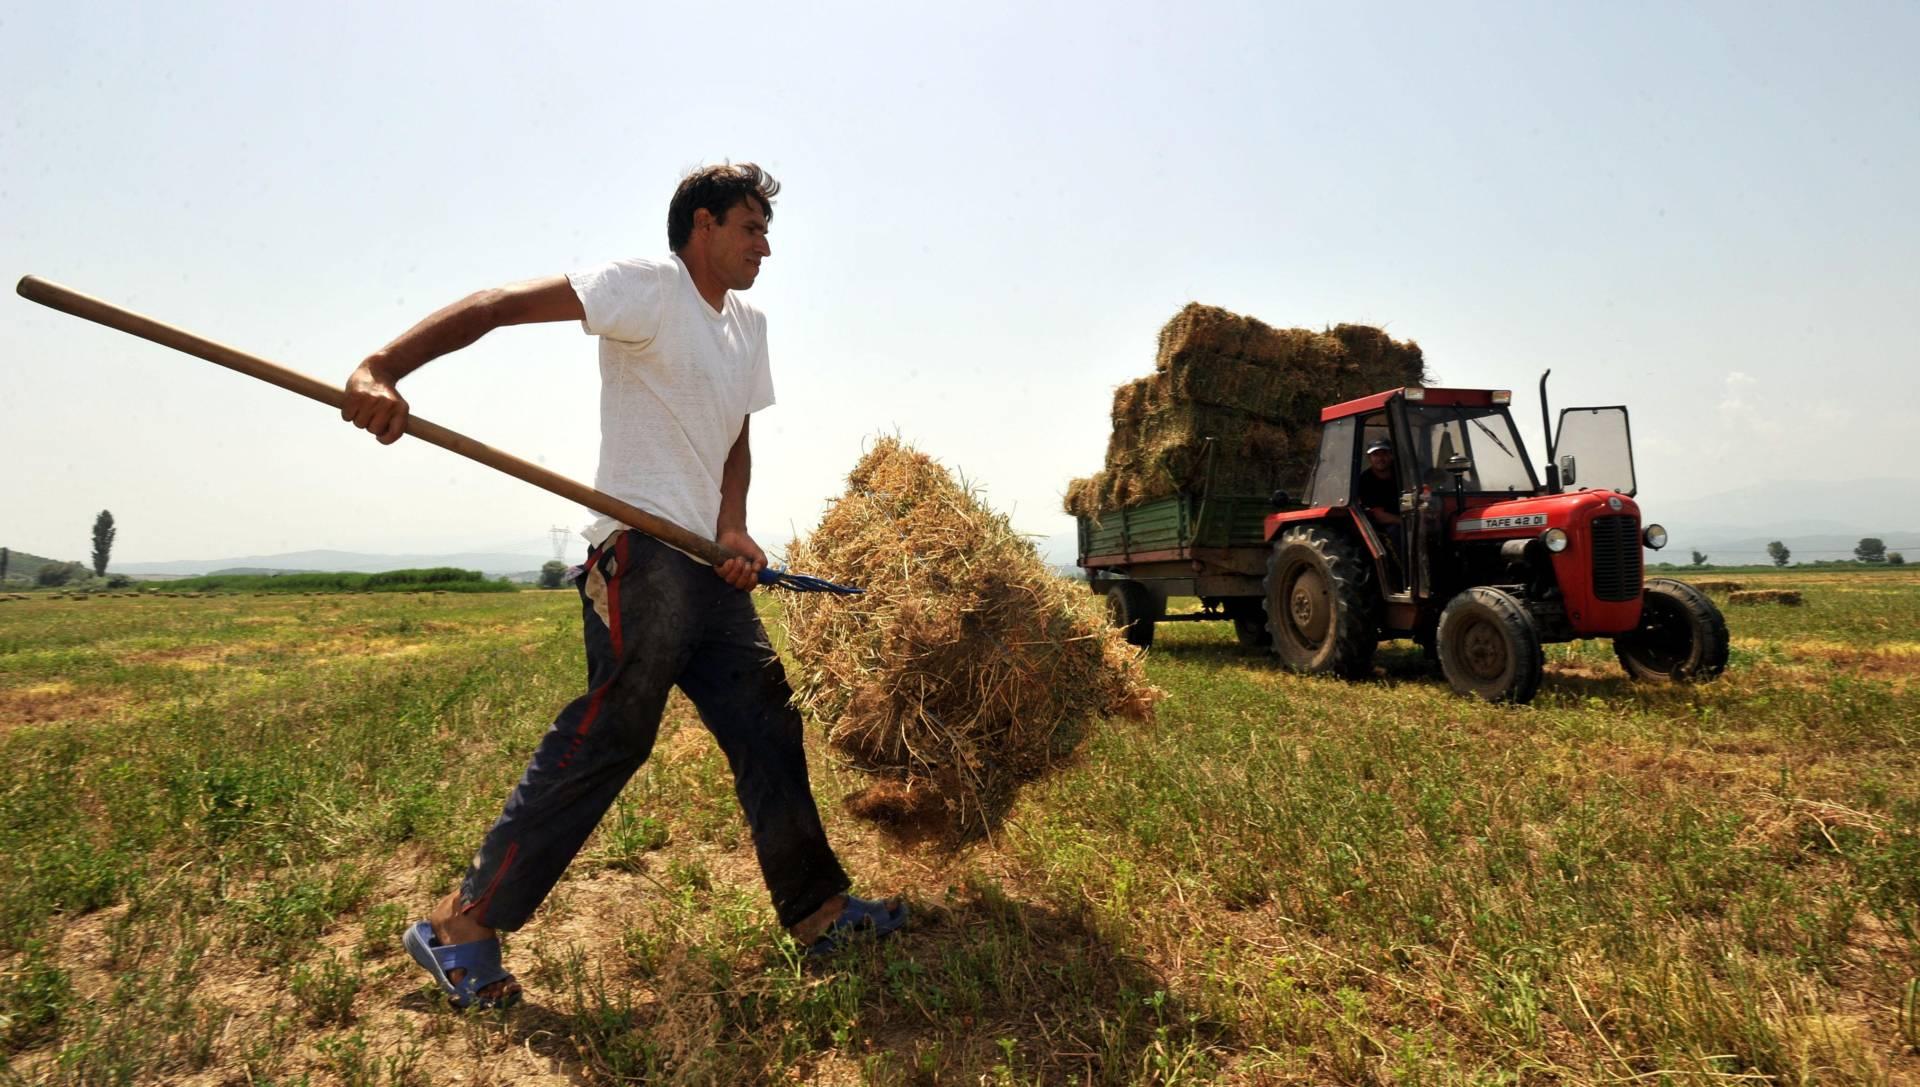 Άμεση ανάγκη για εργάτες γης – Σε κίνδυνο οι καλλιέργειες